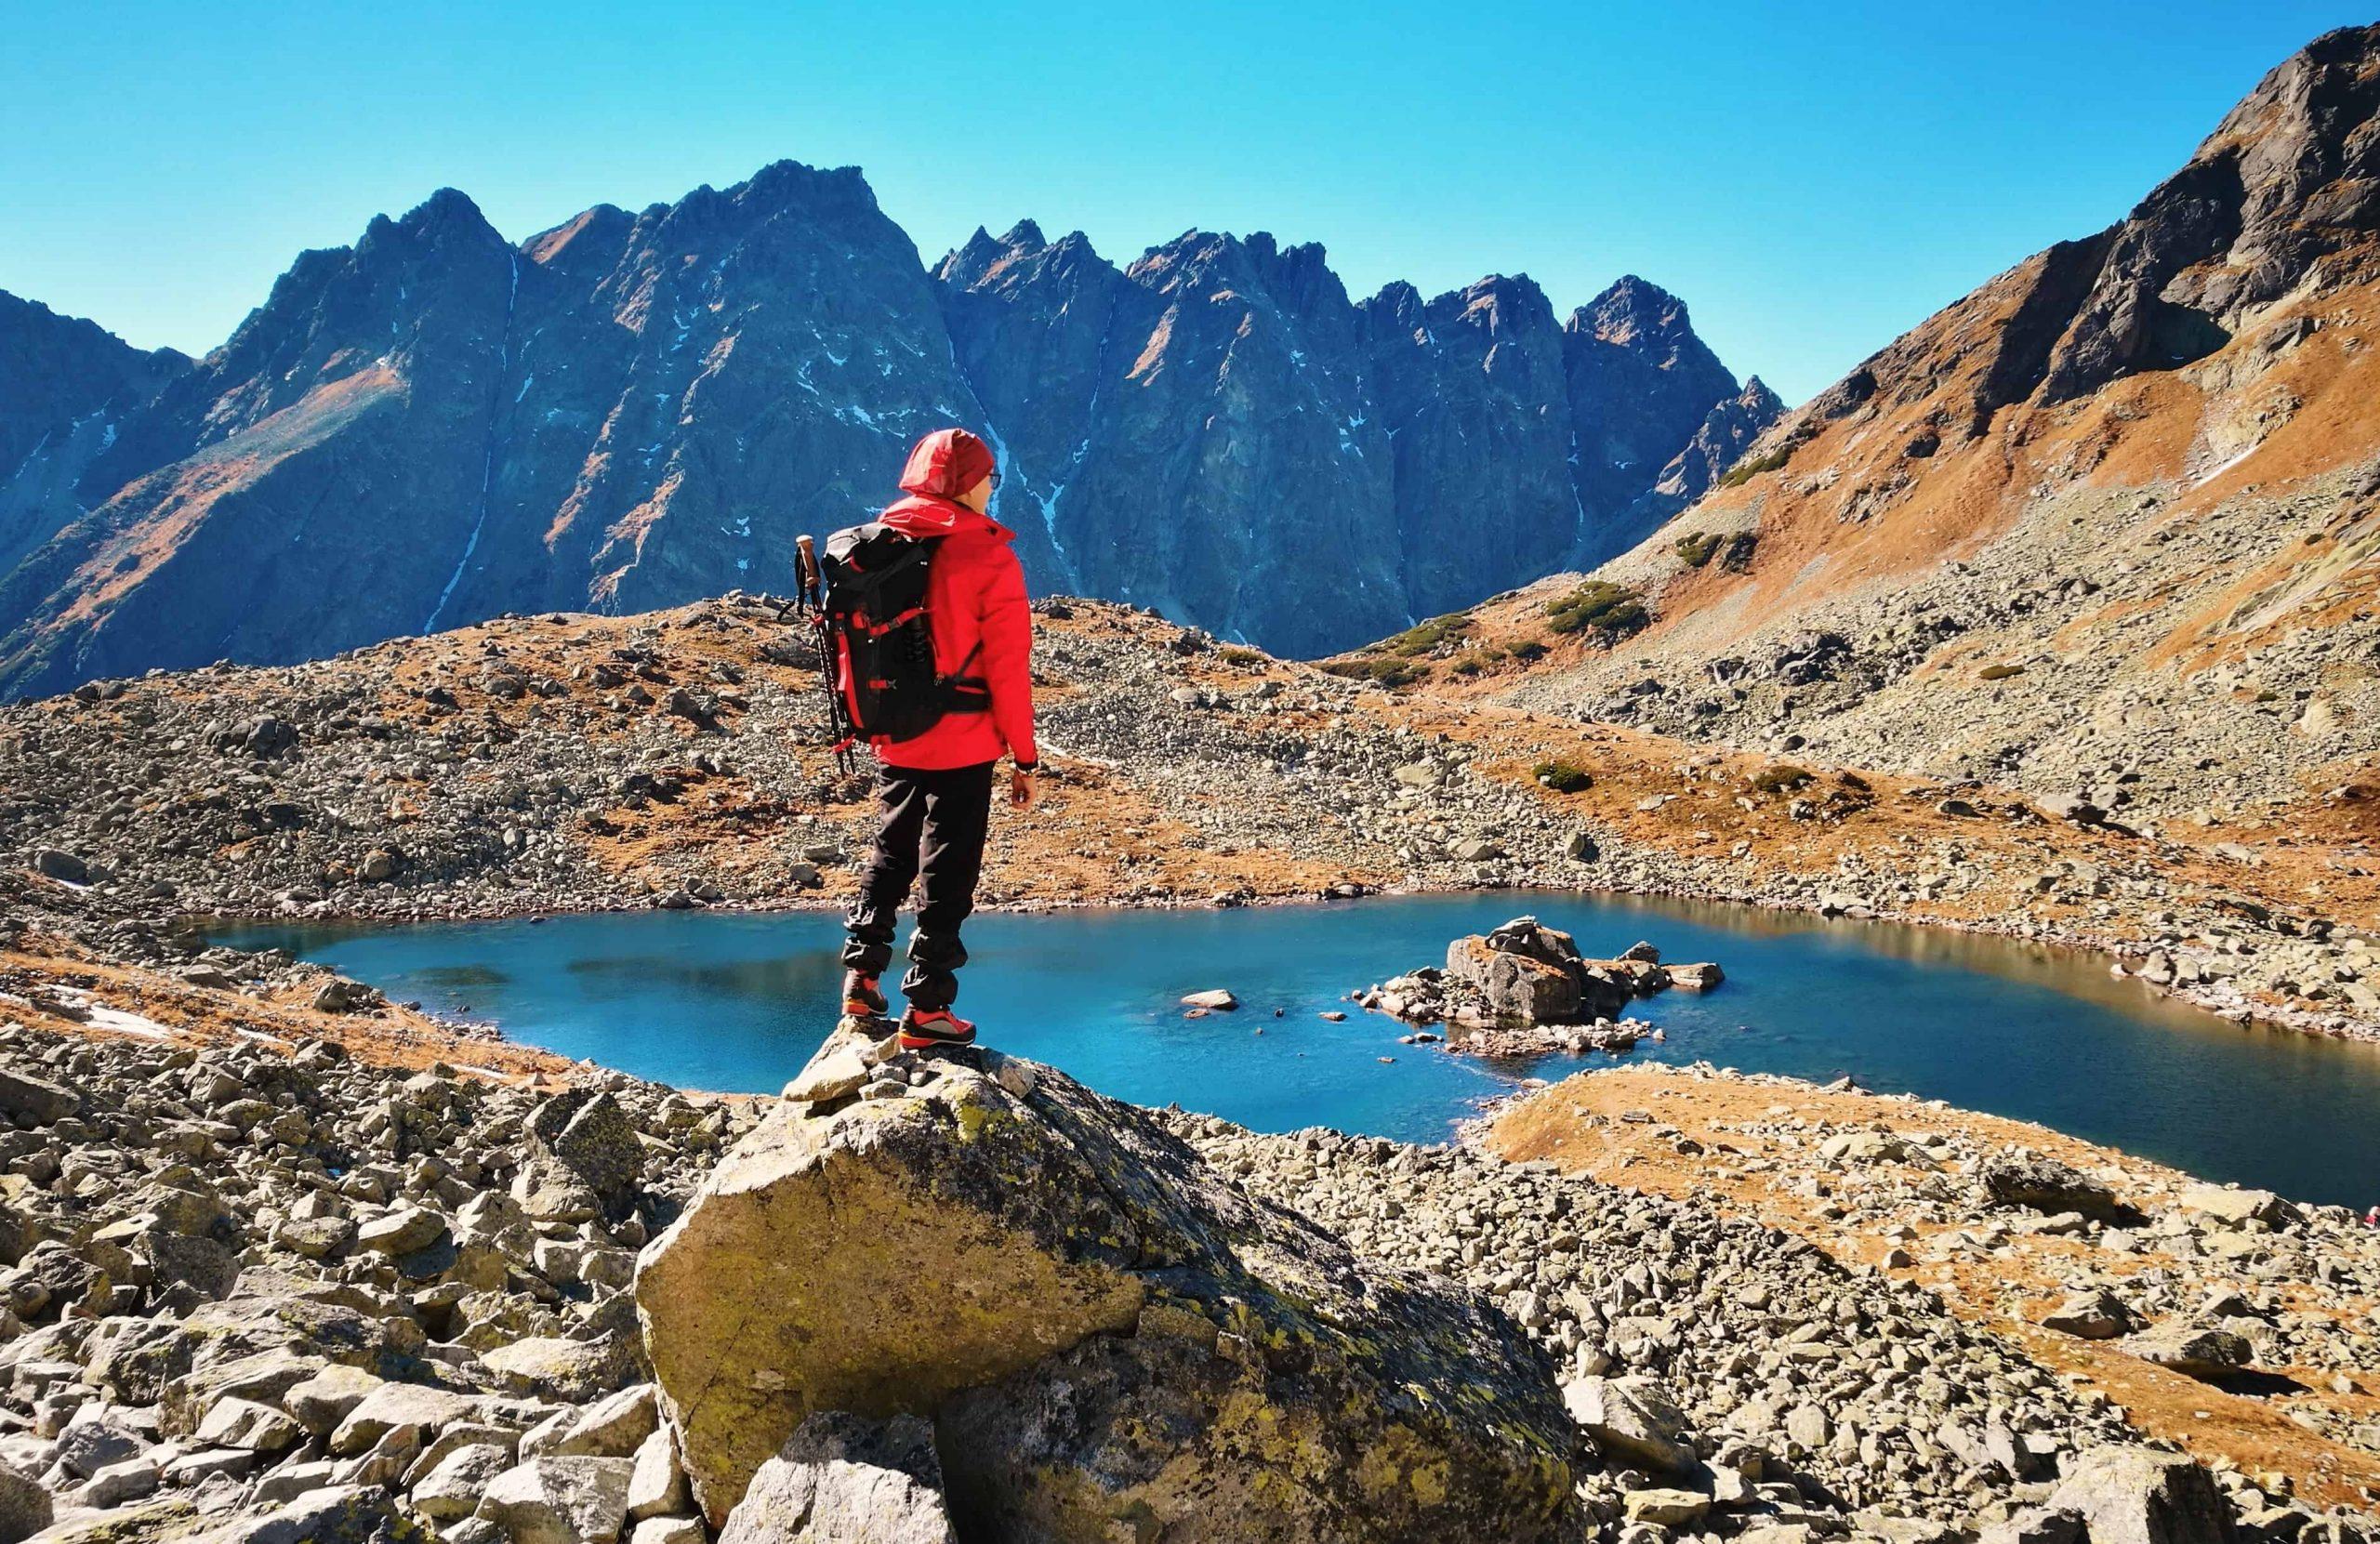 Wanderjacke: Test & Empfehlungen (08/20)